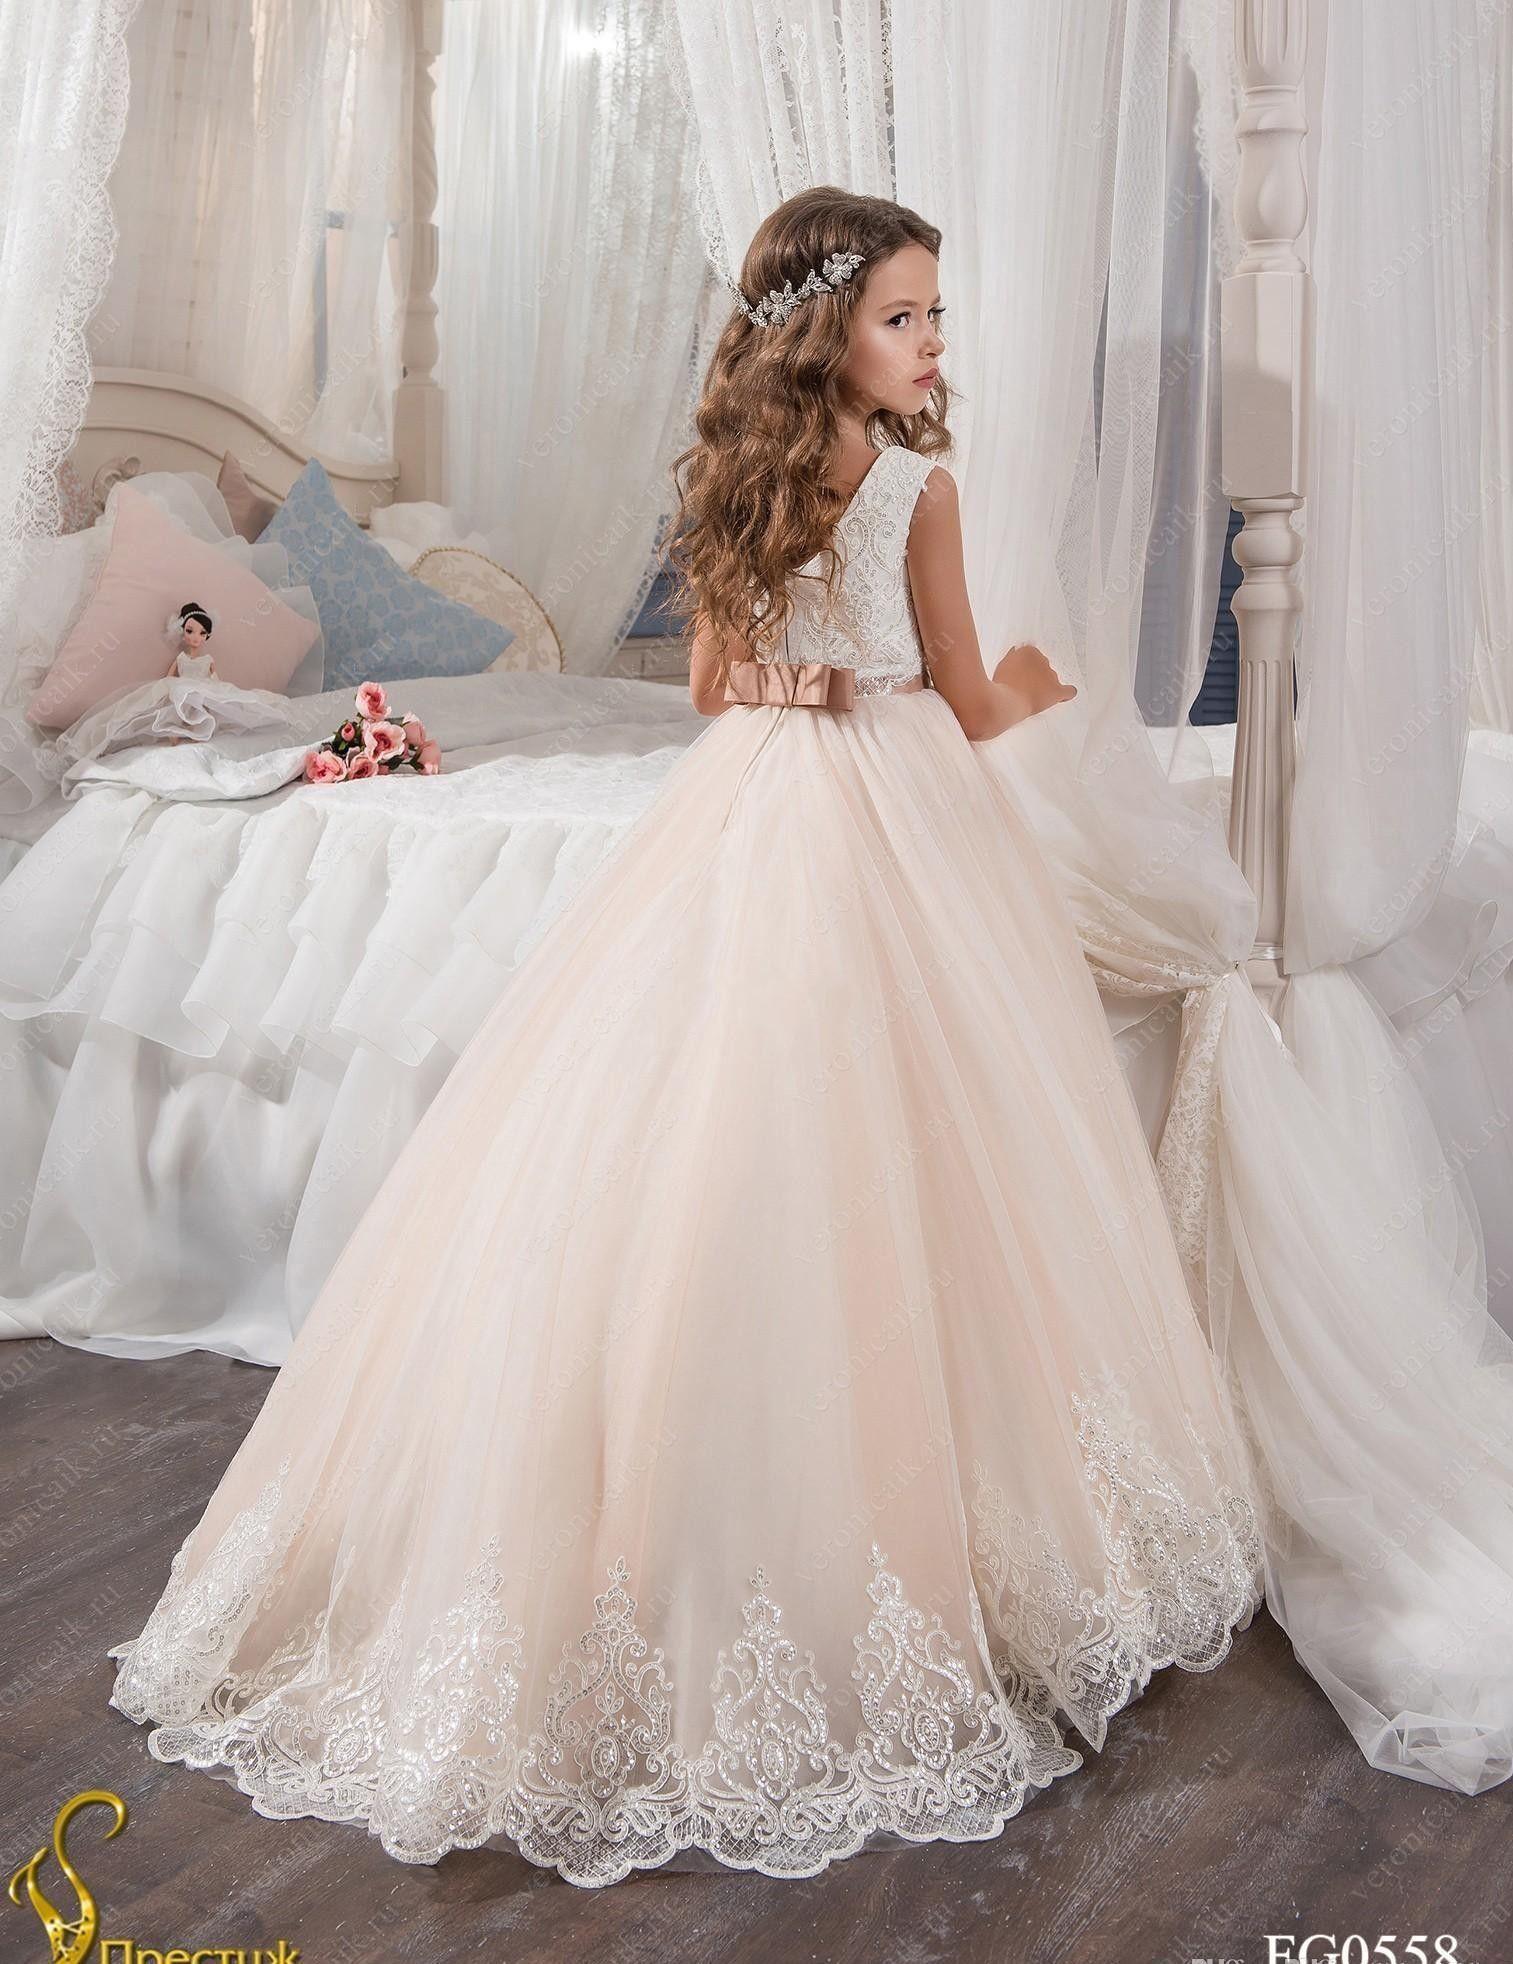 2019 robes de demoiselle d'honneur vintage pour mariages blush rose Custom Made princesse Tutu paillettes Appliqued dentelle noeud enfants première robes de communion